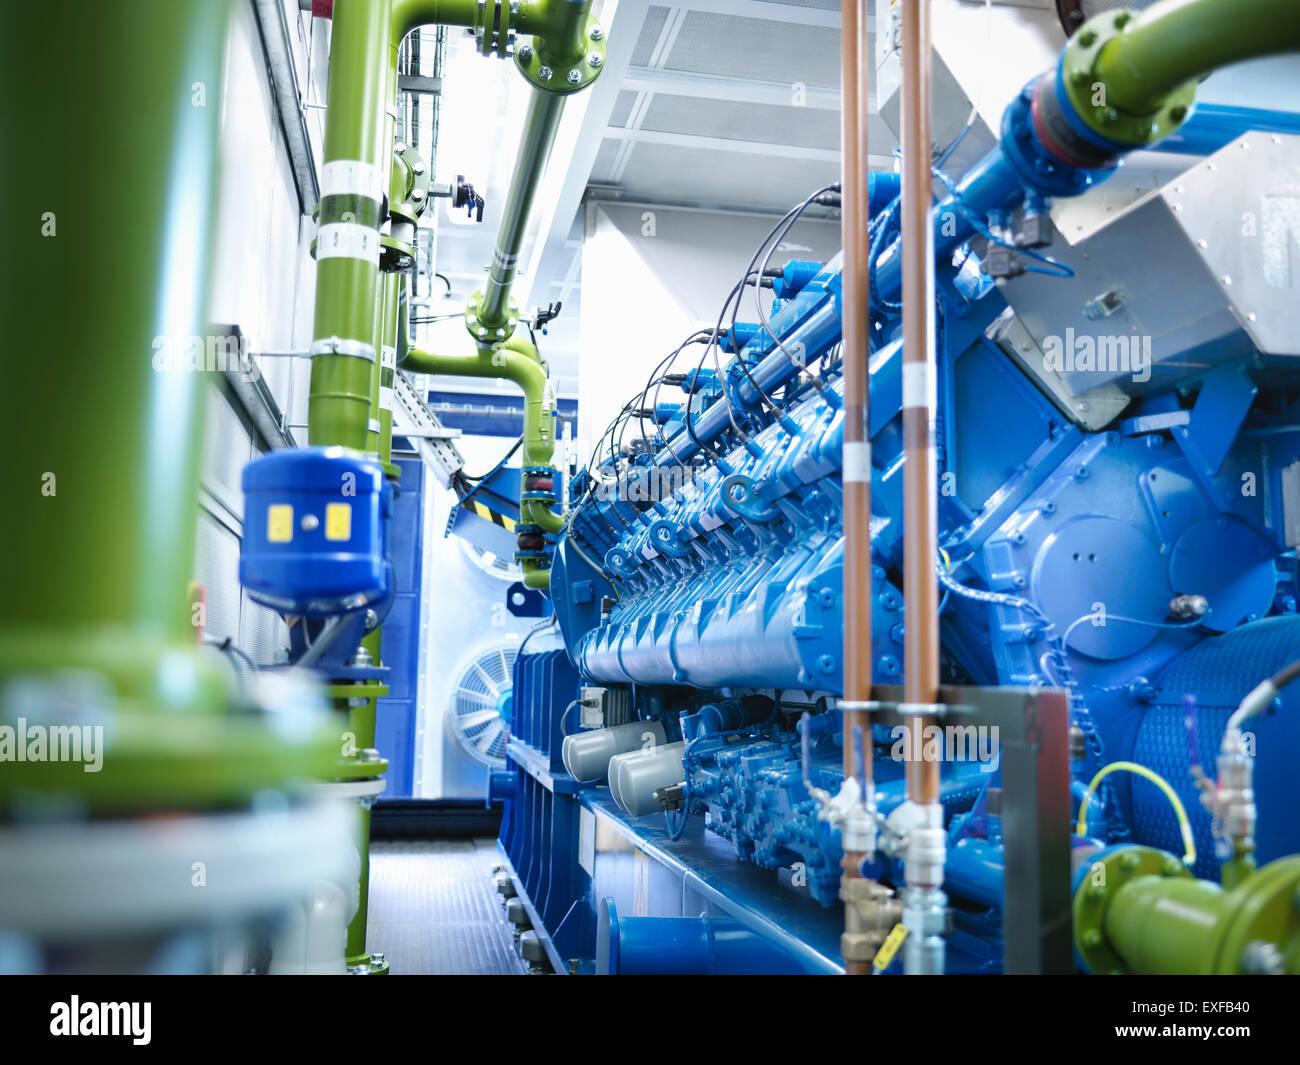 Gasbefeuert Generator im Kraftwerk gasbefeuert Stockbild